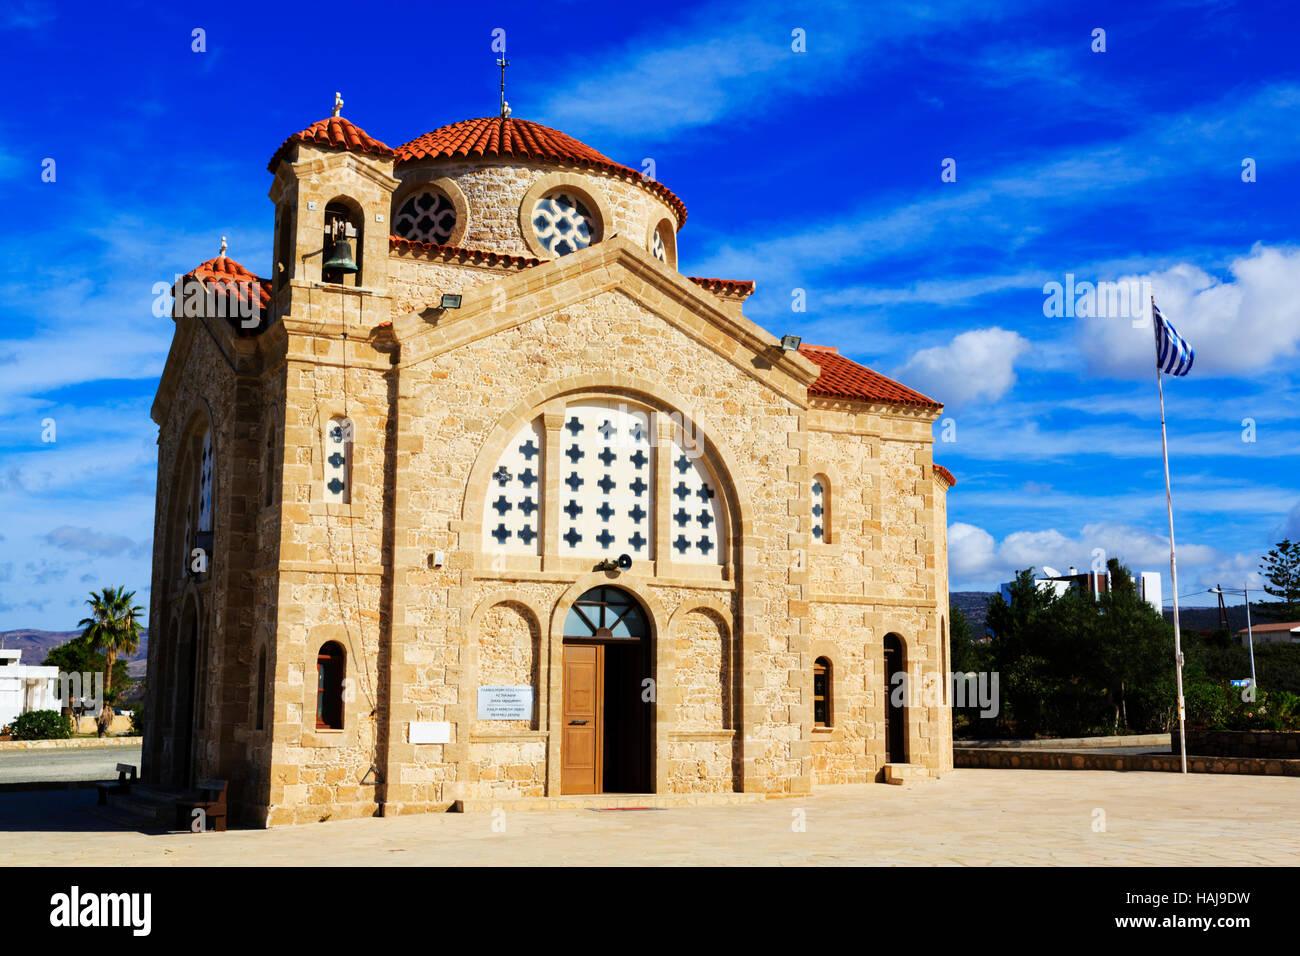 The church of Agios Georgios tis Pegeias, Paphos, Cyprus - Stock Image